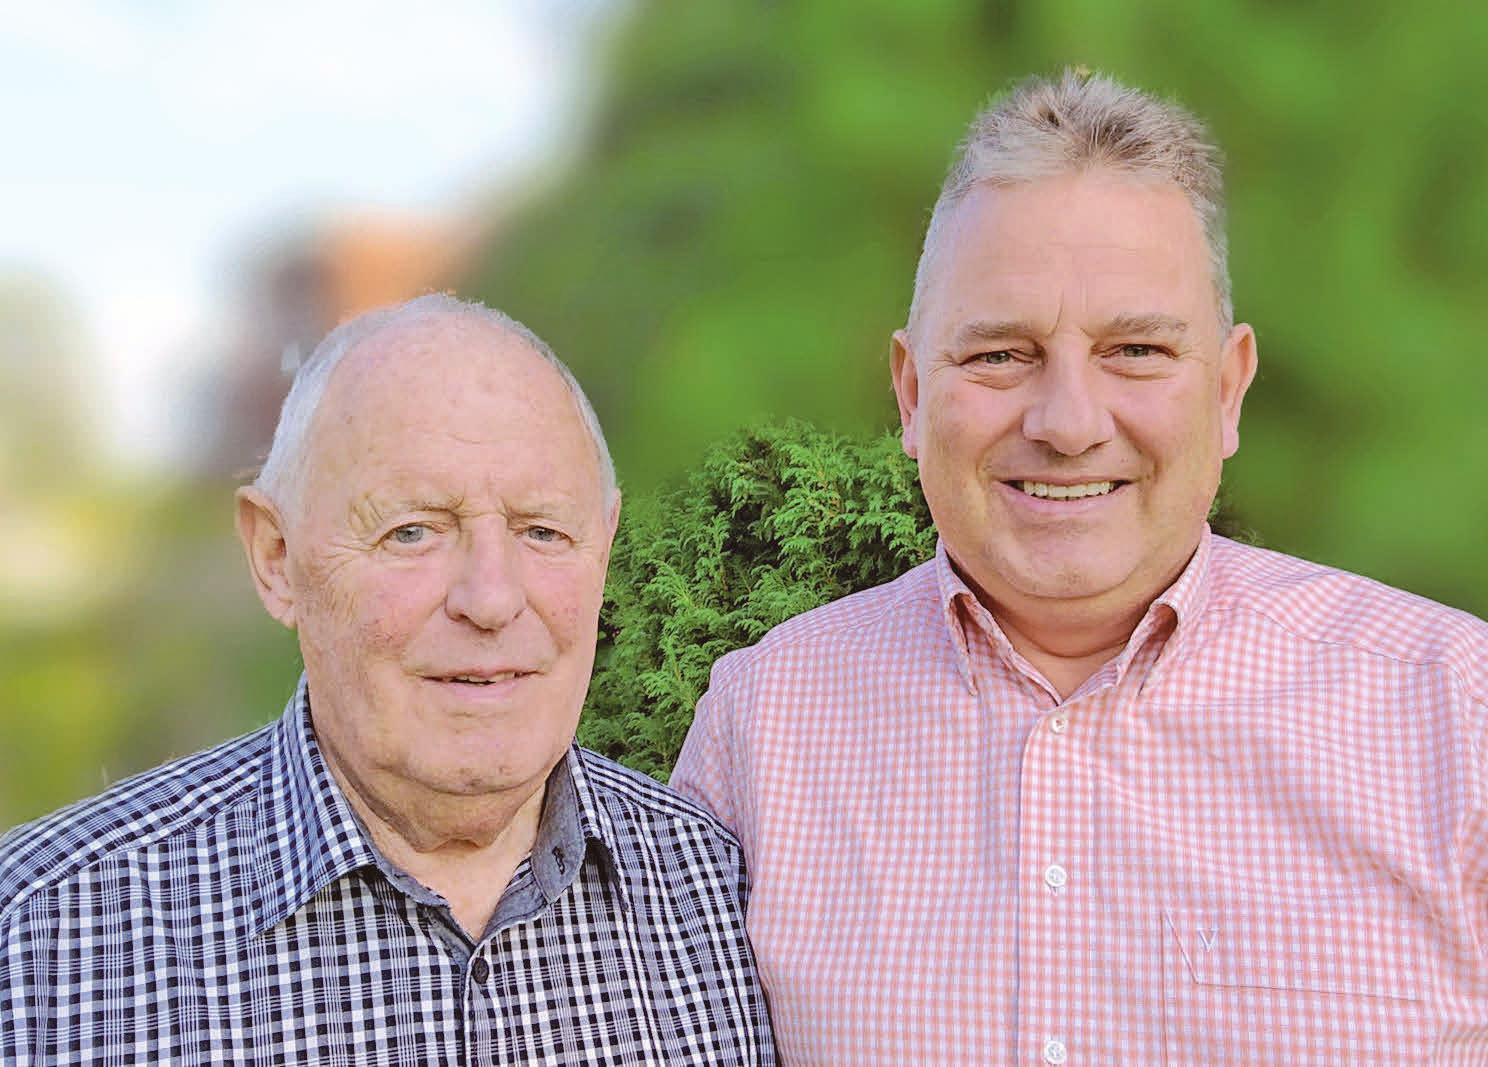 Generationenübergreifend: Jürgen Schiffelholz (links) legte 1969 den Grundstein für das Versicherungsbüro, das sein Sohn Stefan Schiffelholz ausbaute. Foto: privat